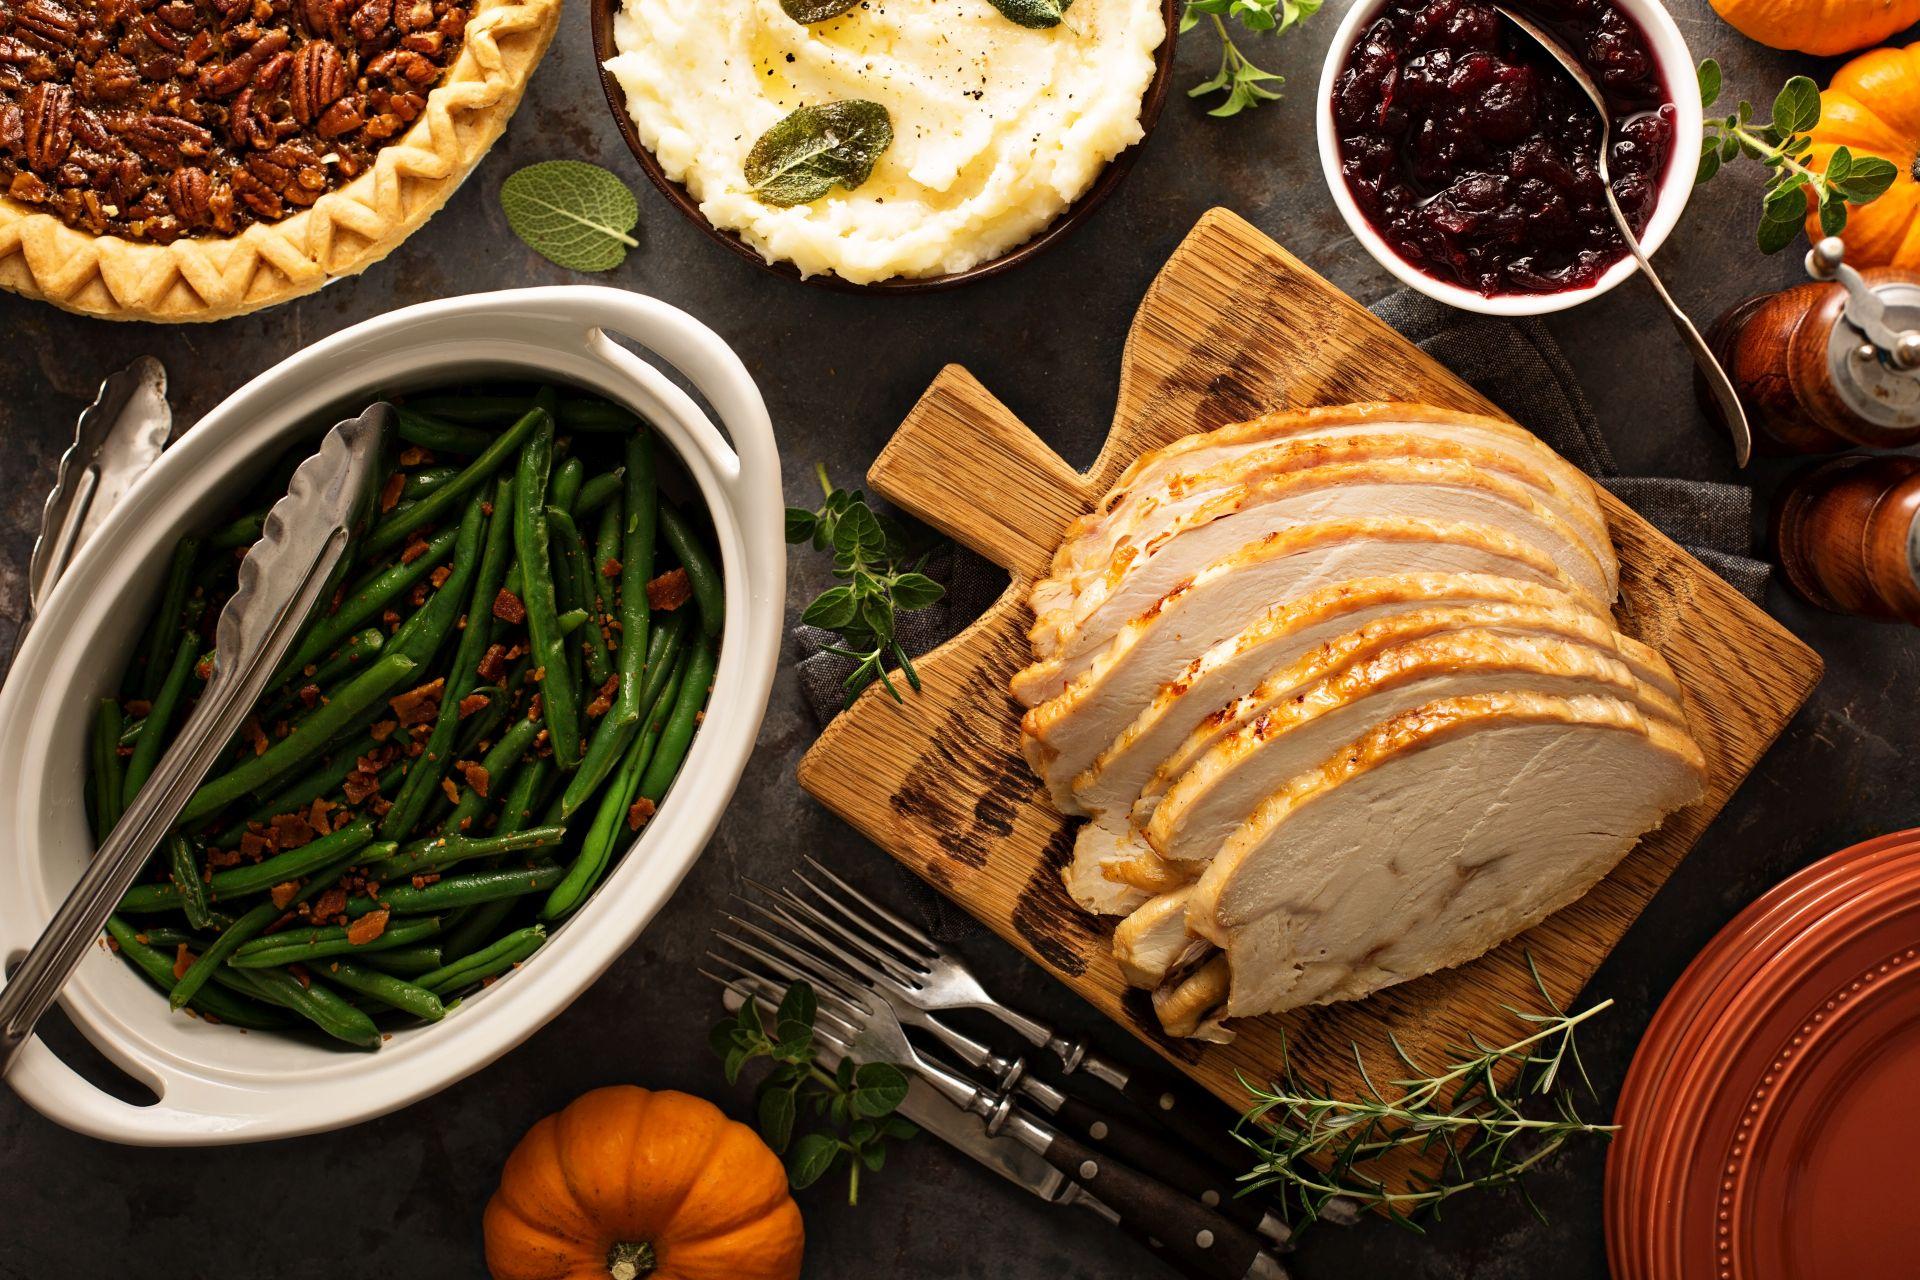 Zdrowe nawyki żywieniowe warto wdrażać nawet w czasie świąt - potrawy wigilijne możesz zmodyfikować, aby zawierały składniki korzystniej wpływające na cholesterol i serce.